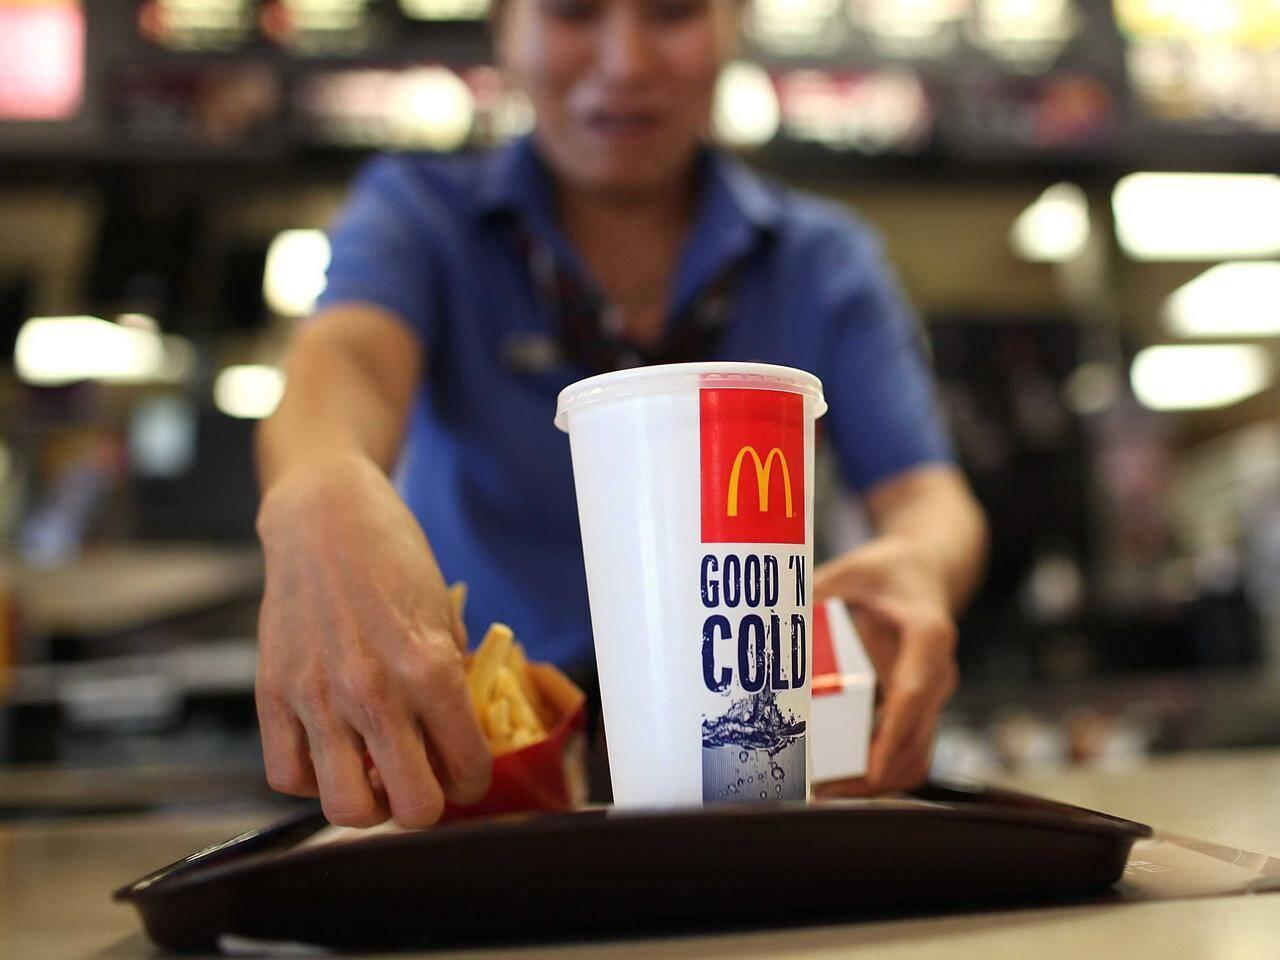 マクドナルドでドリンクを注文したら「入っていたもの」が完全にアウト